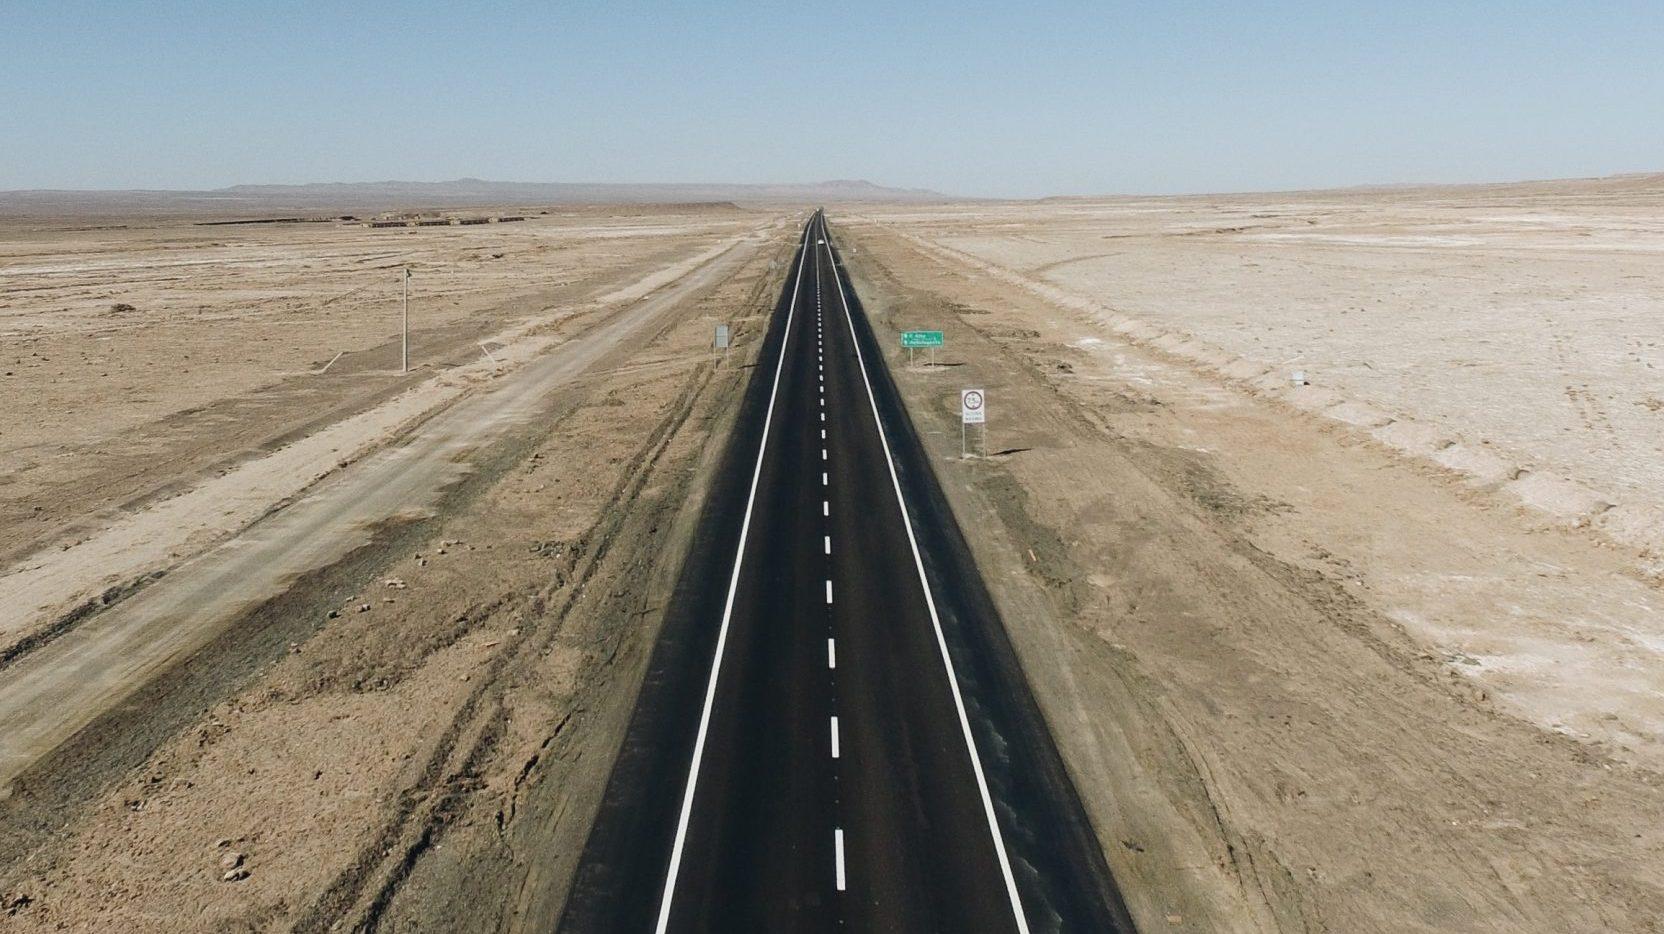 De langste rechte weg ter wereld